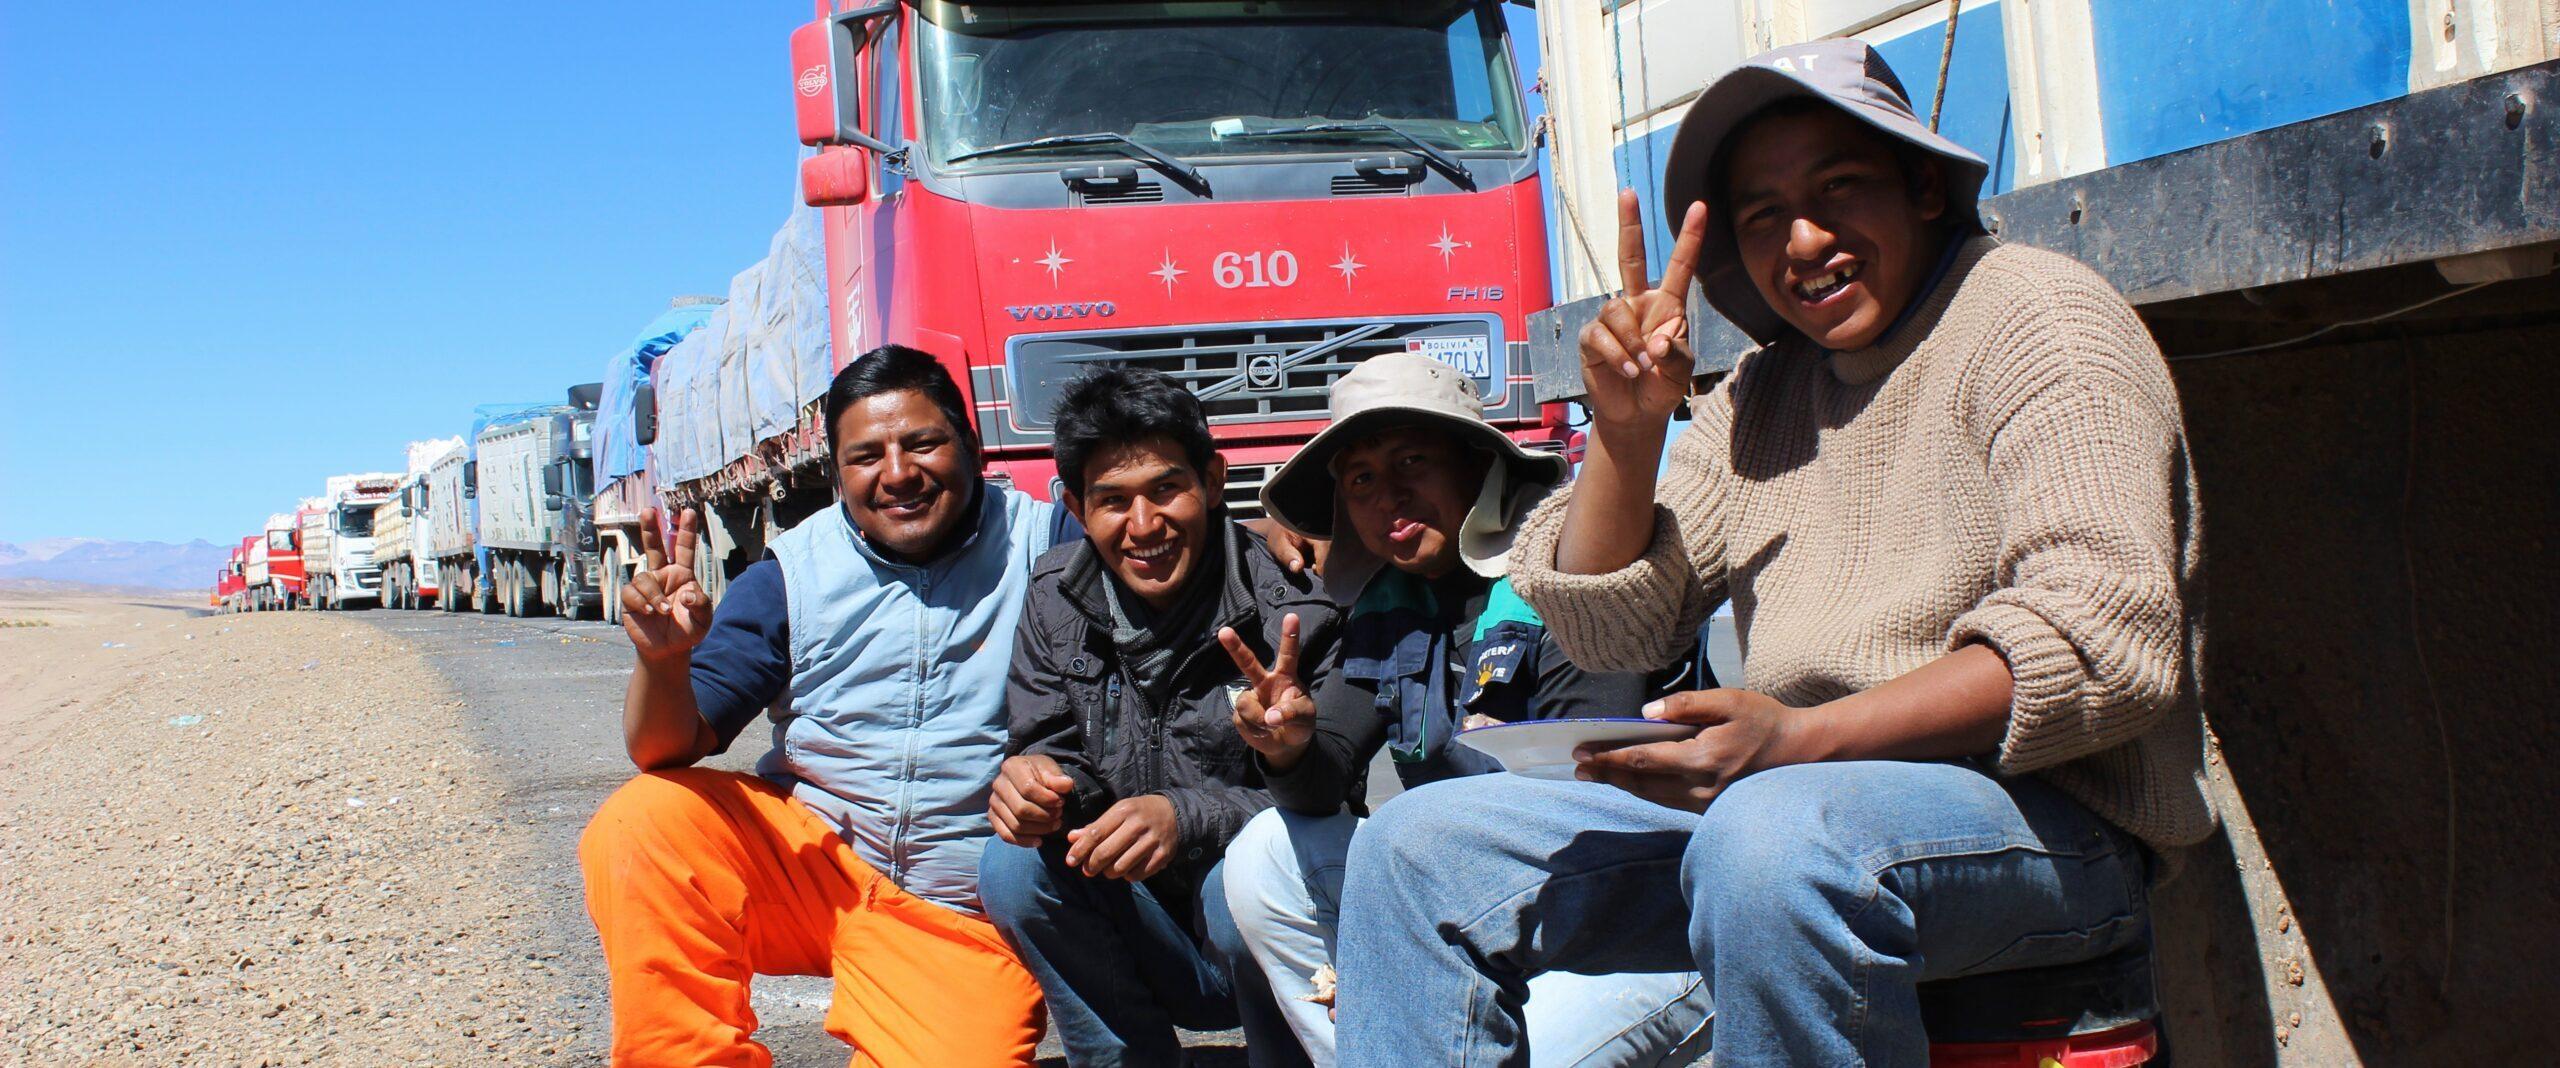 24 – Strassenblockade in Bolivien